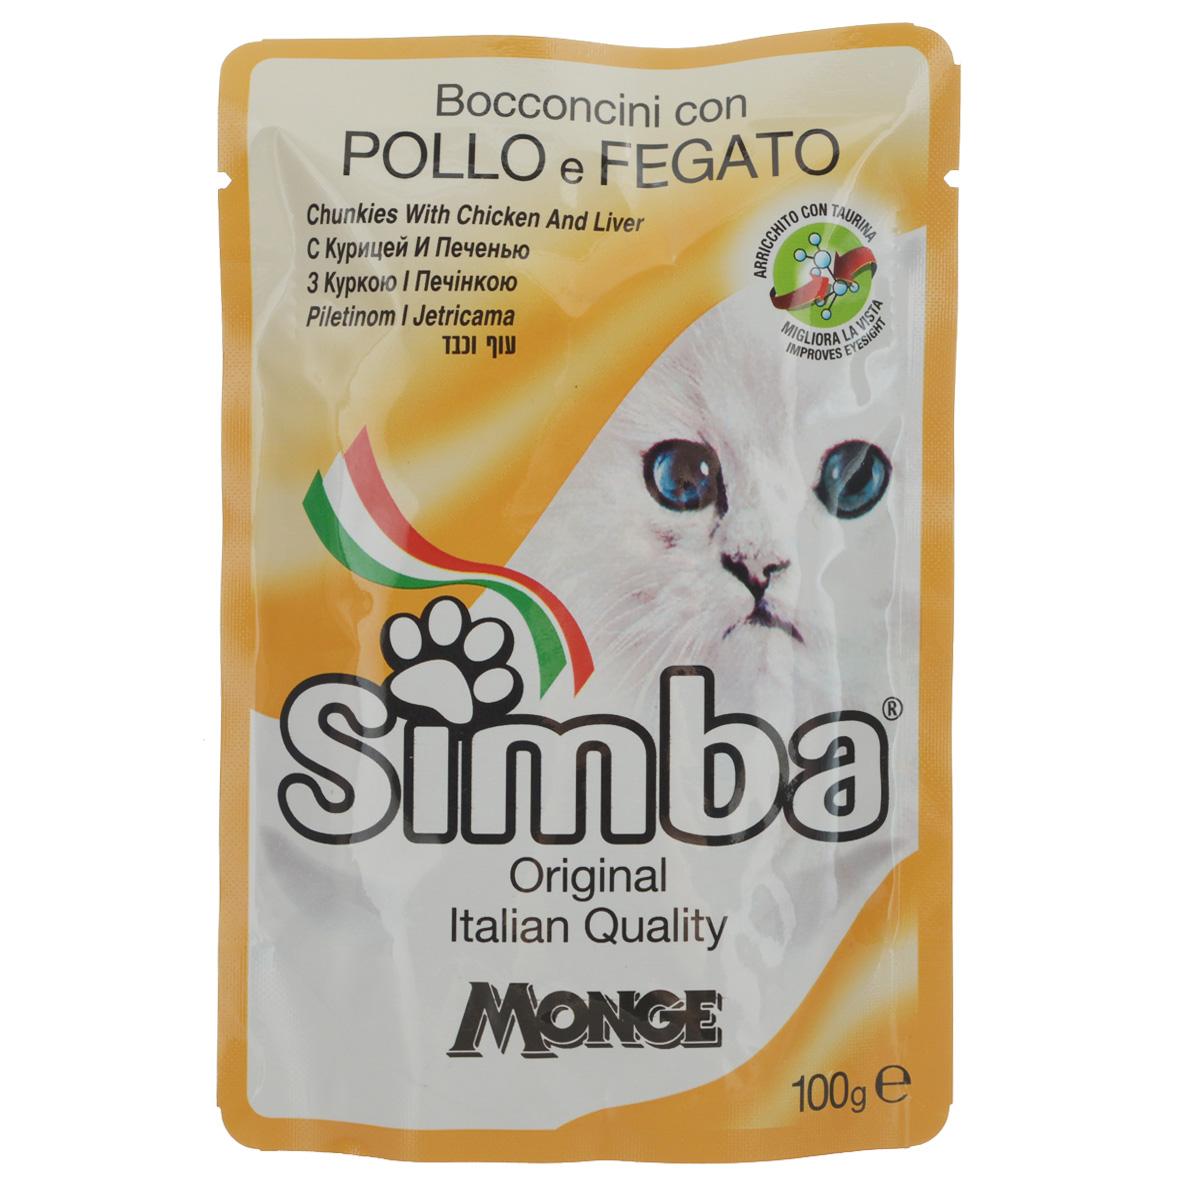 Консервы Monge Simba для взрослых кошек, с курицей и печенью, 100 г0120710Консервы Monge Simba для взрослых кошек тщательно приготовлены из итальянского мяса. Без добавления консервантов и антиоксидантов. Экологически чистое производство гарантирует высочайшее качество и длительные сроки хранения консервов. Тщательный отбор сырья и содержащийся в нем полный набор витаминов и микроэлементов обеспечивает отличную усвояемость и отсутствие проблем с пищеварением у ваших любимых питомцев.Состав: мясо и мясные субпродукты 33%, (мясо курицы мин. 4,2%, печень мин. 4,2%), минеральные вещества, витамины.Пищевая ценность: протеин 8,0%, жир 5,0%, зола 2,2%, клетчатка 1,0%, влажность 82%.Витамины: витамин А 2000 МЕ/кг, витамин D3 200 МЕ/кг, витамин Е (альфа-токоферол 91%) 5 мг/кг.Товар сертифицирован.